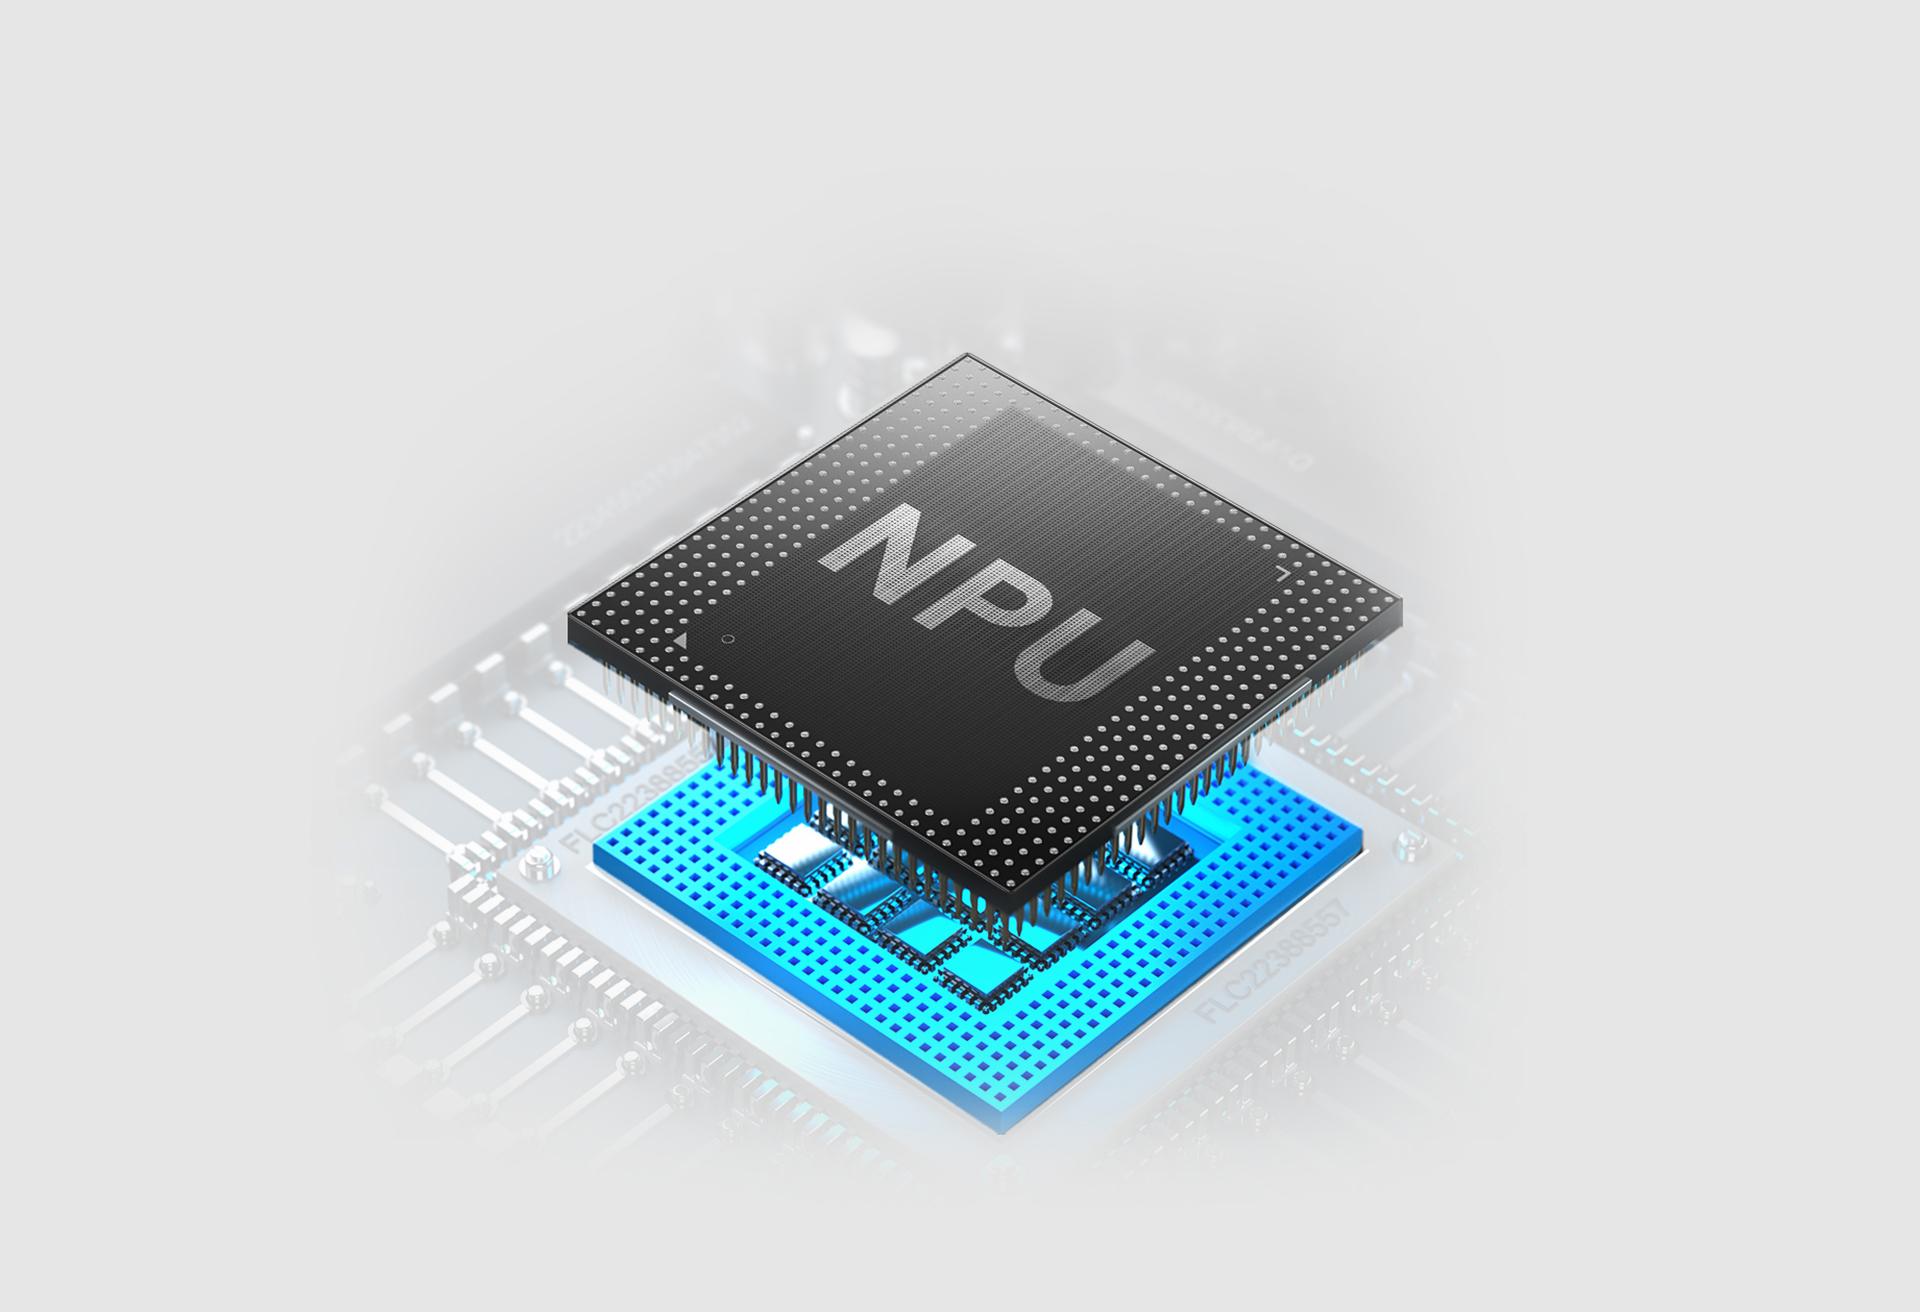 První čip s umělou inteligencí Kirin 970 je opravdu neuvěřitelně chytrý a výkonný, vhodný kandidát pro takového krasavce, jakým je Honor 10